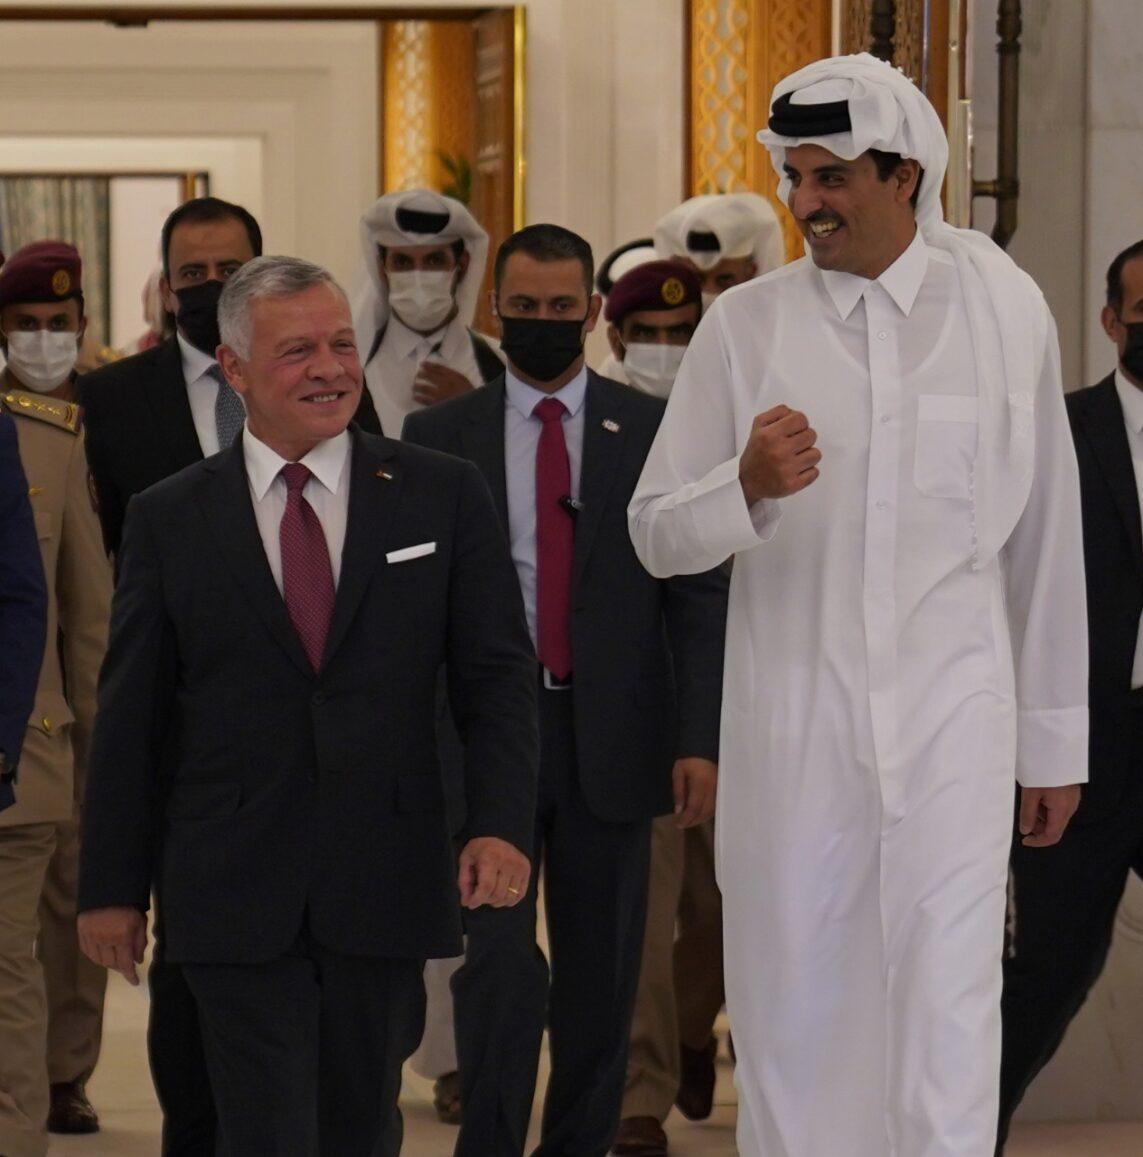 """الصحافة القطرية تشيد بالعلاقات الأردنية القطرية وتصفها بـ""""الخندق الواحد"""""""